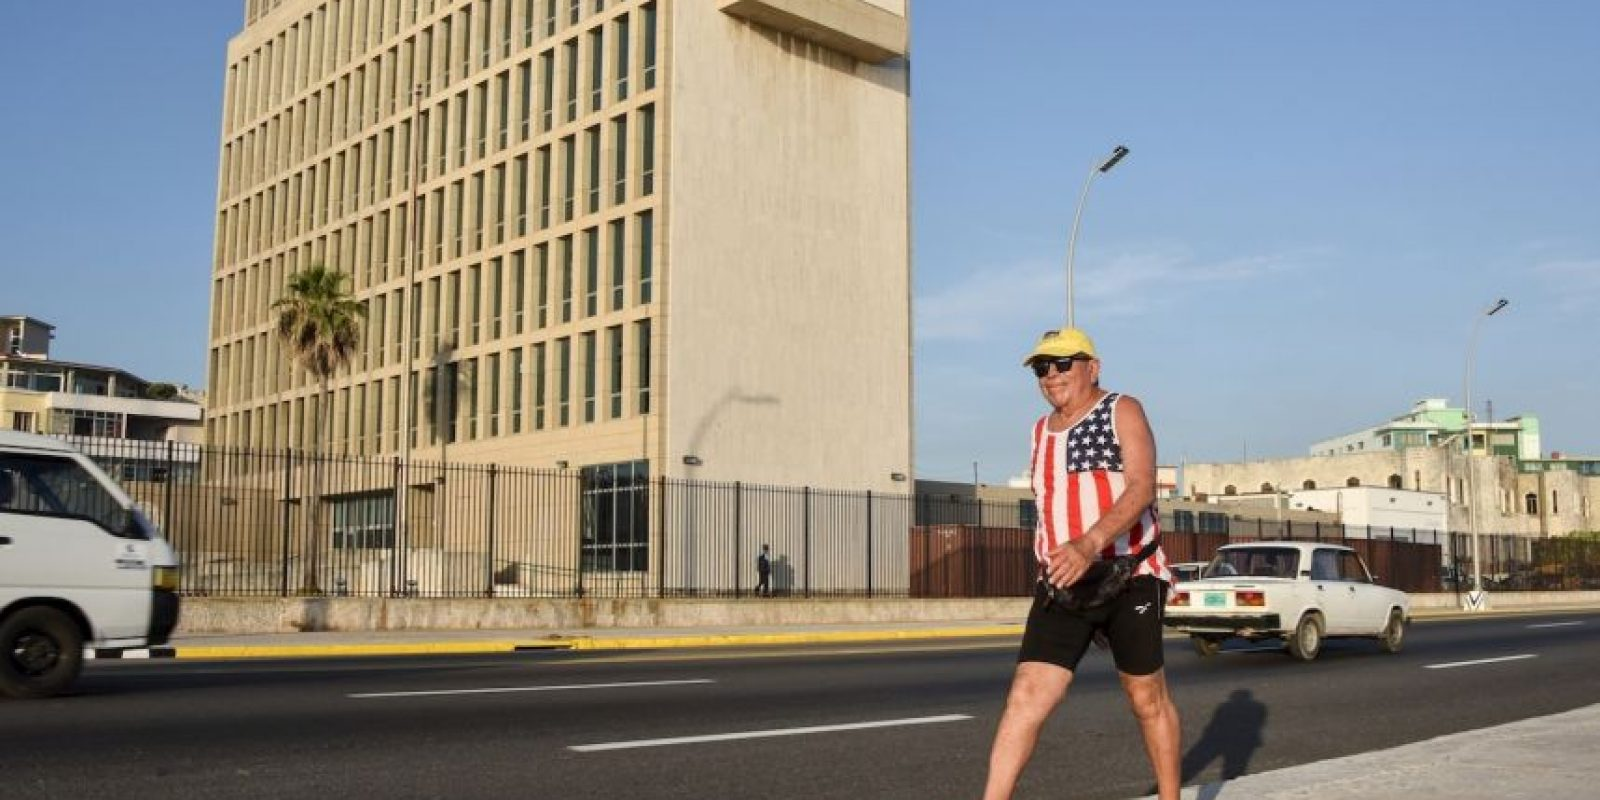 Esta semana se dio a conocer que se restablecían los viajes en ferry a Cuba. Desde el establecimiento del embargo no se permitían dichos viajes. Foto:AFP